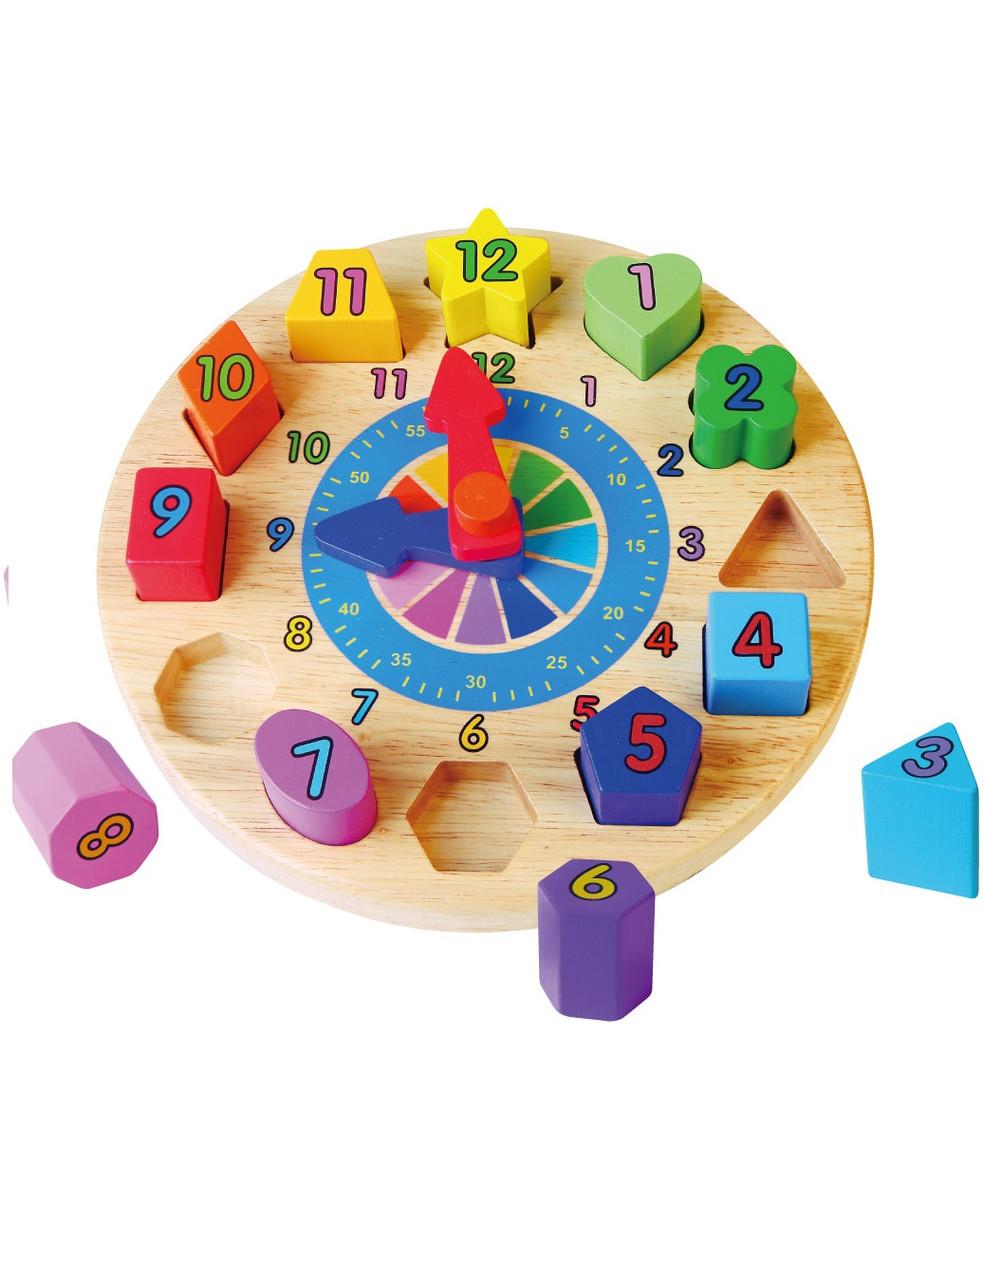 Развивающие и обучающие игрушки «Viga Toys» (59235VG) деревянный пазл Часы